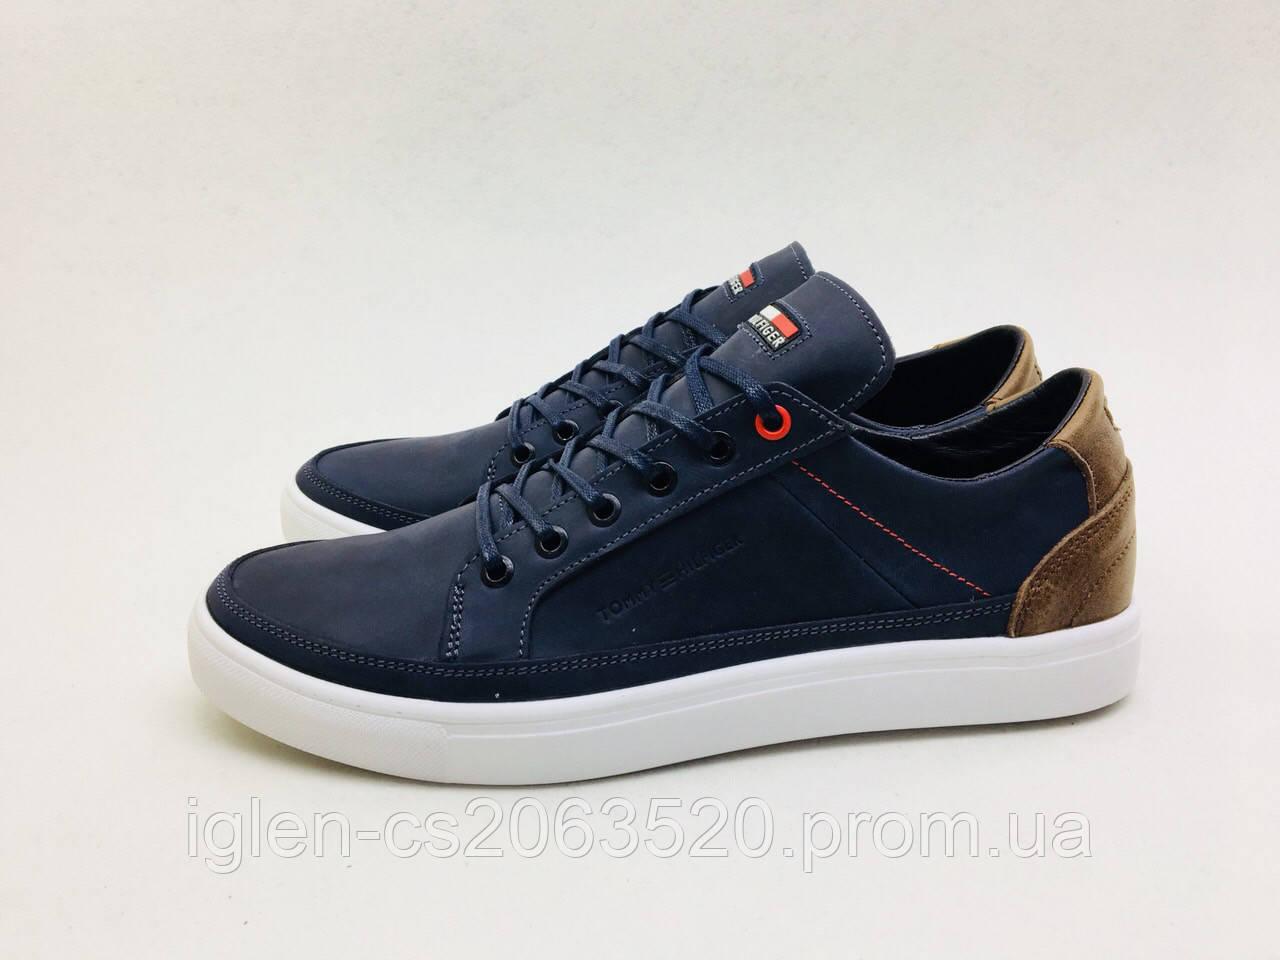 Мужские кожаные кроссовки Tommy Hilfiger сине-карамельный